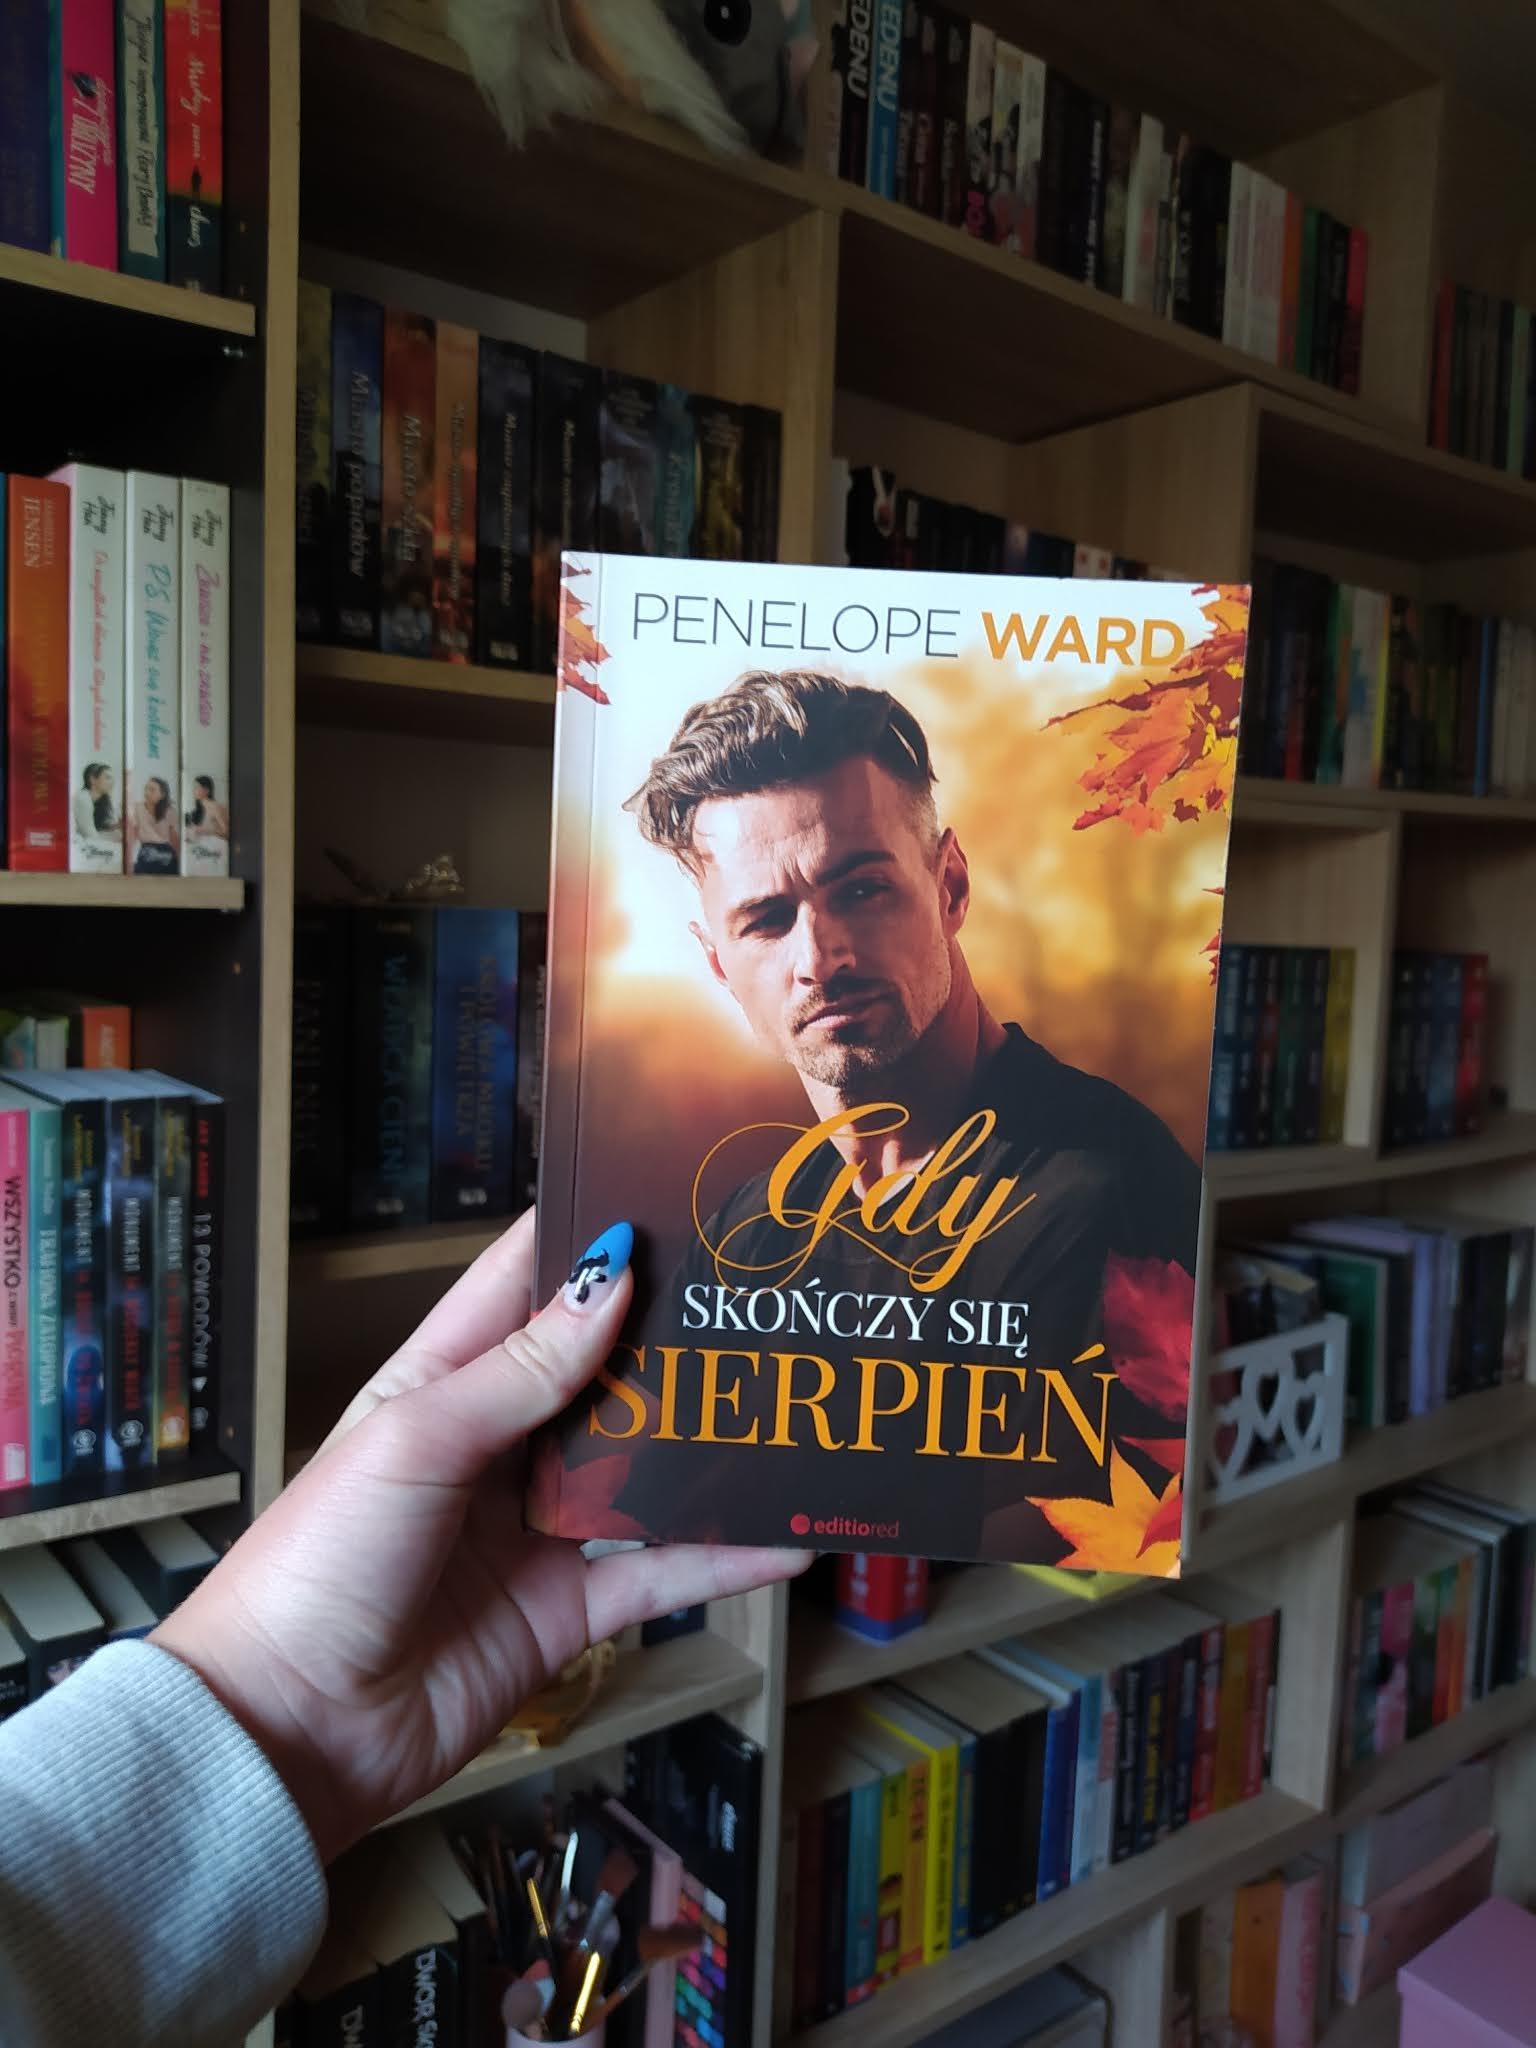 """""""Gdy skończy się sierpień"""" Penelope Ward"""